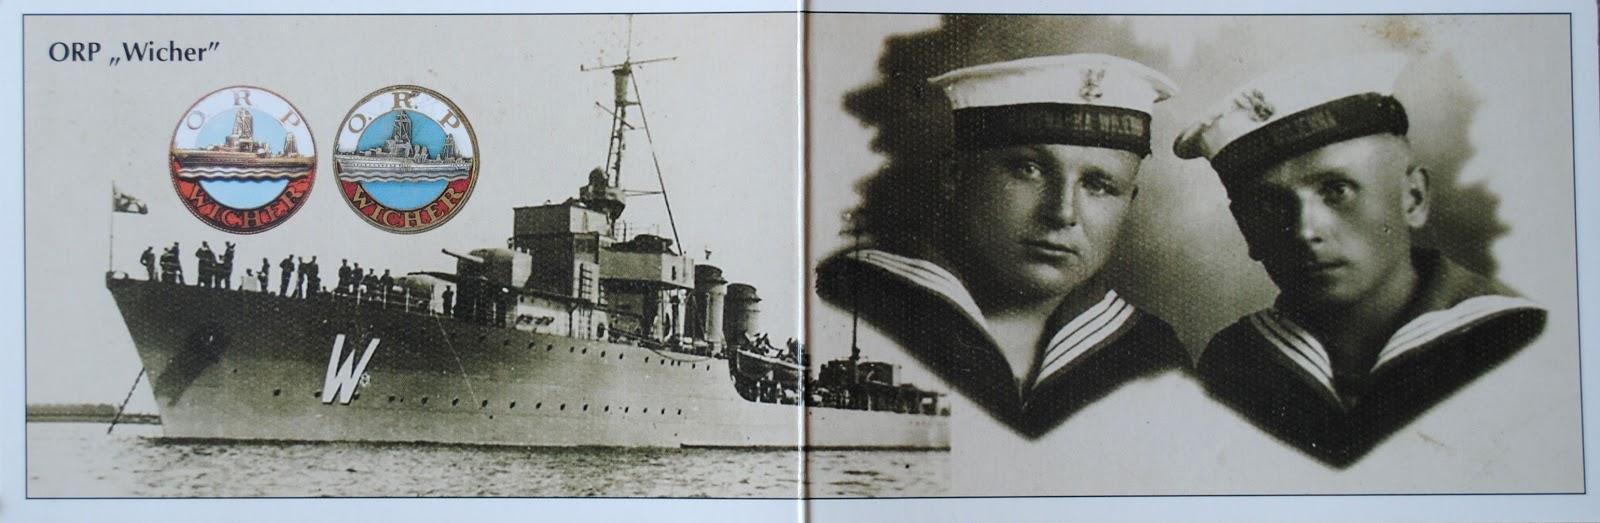 wicher polski okręt